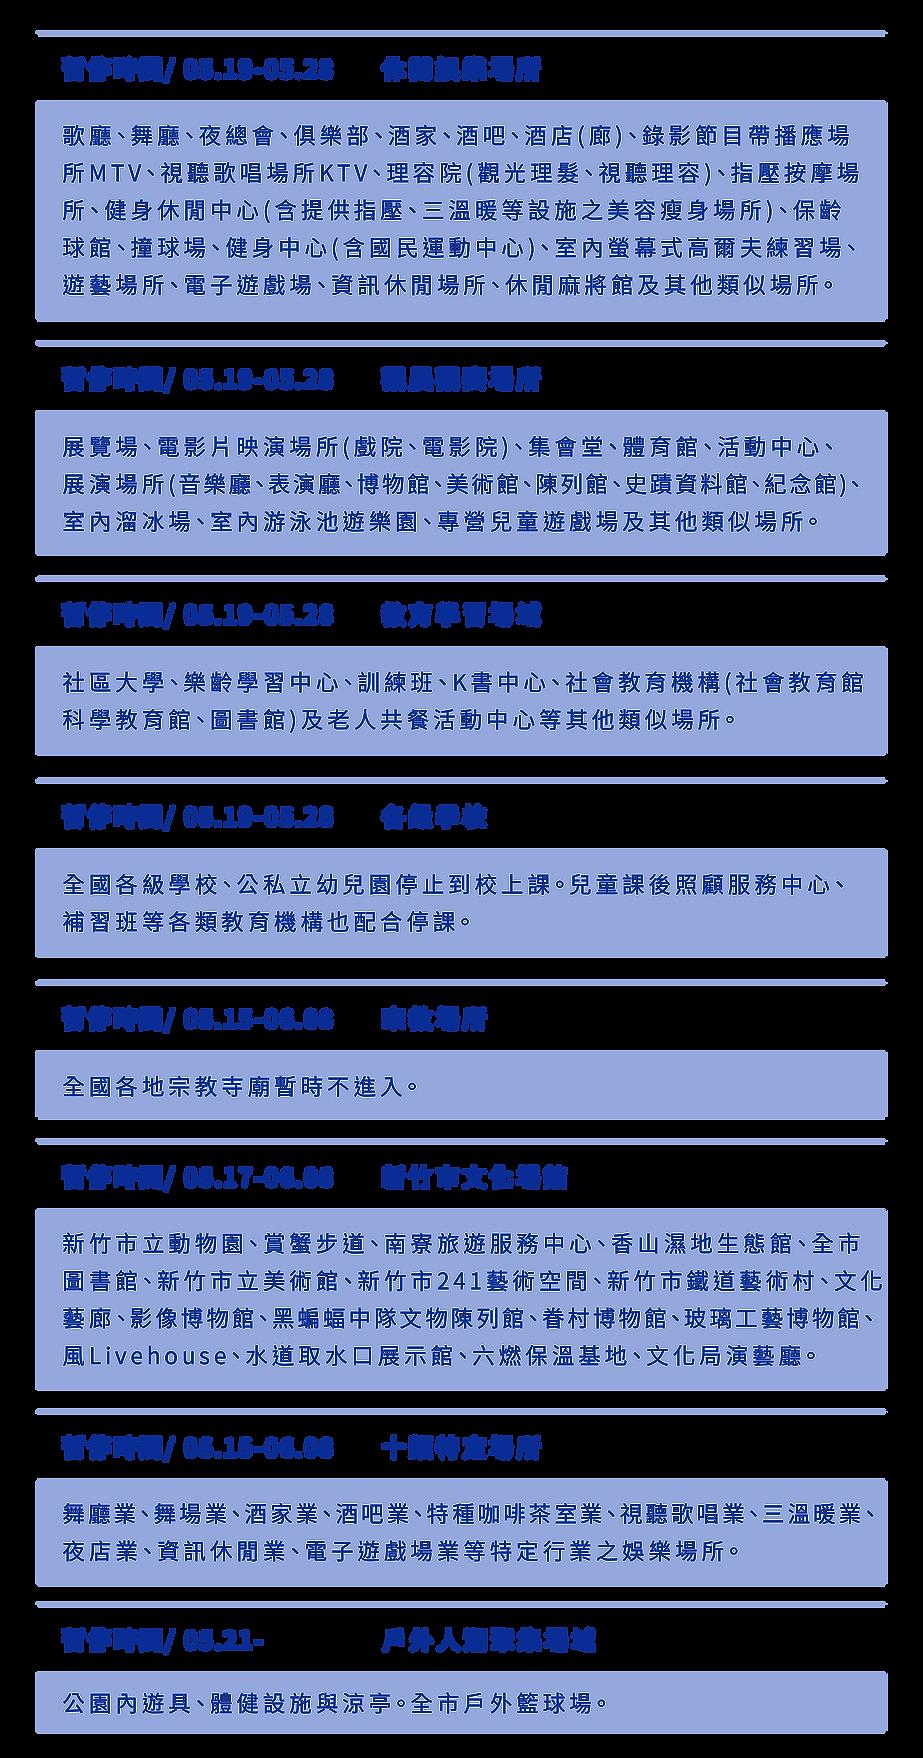 0523暫停開放場館_工作區域 1.png